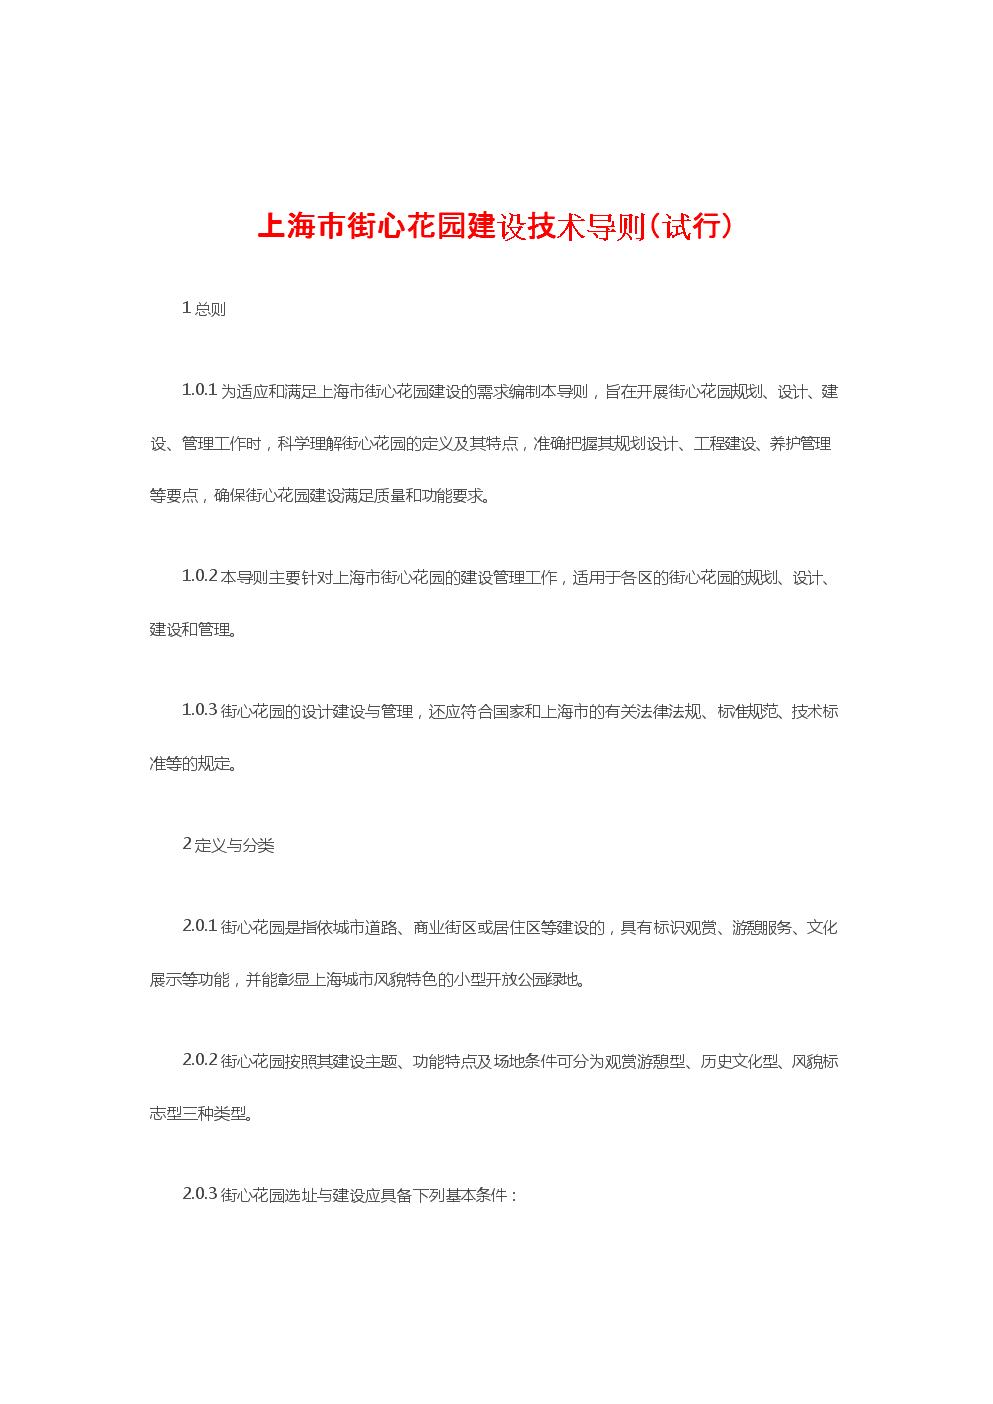 上海市街心花园建设技术导则.docx